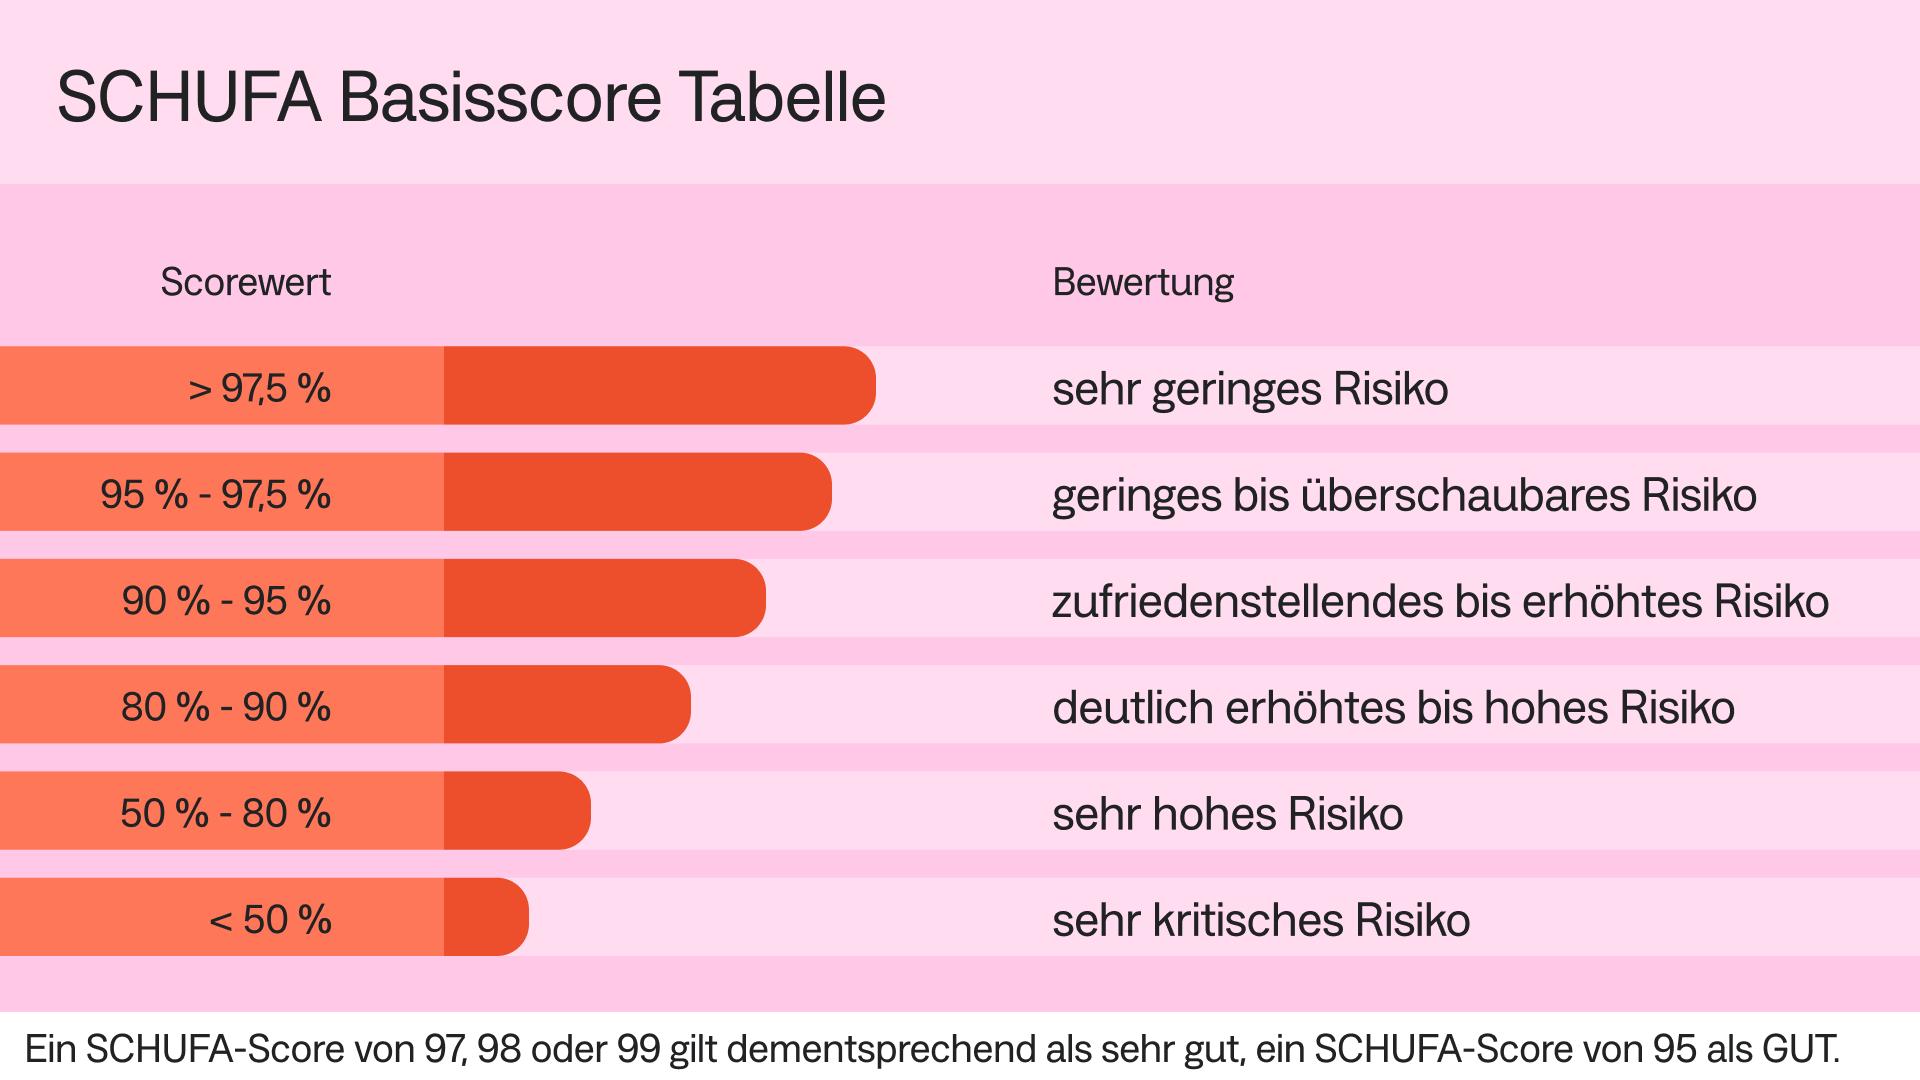 DE_SCHUFA Tabelle_img_16x9_x.png